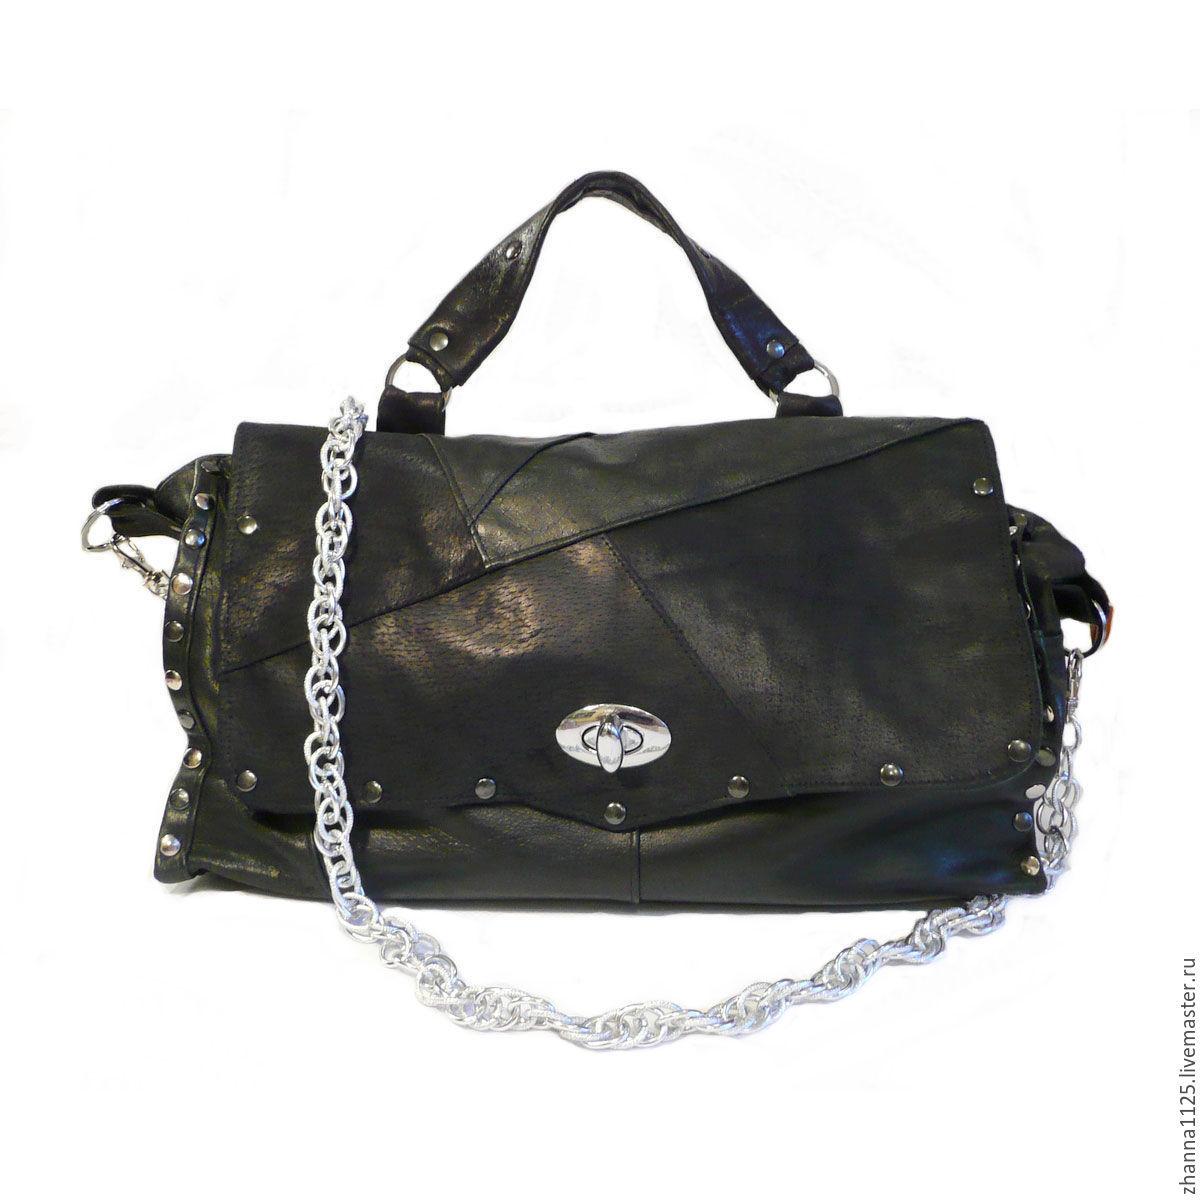 38e3a20d780a Женская кожаная сумка. Купить женскую сумку `Гламурный рок`. Handmade.